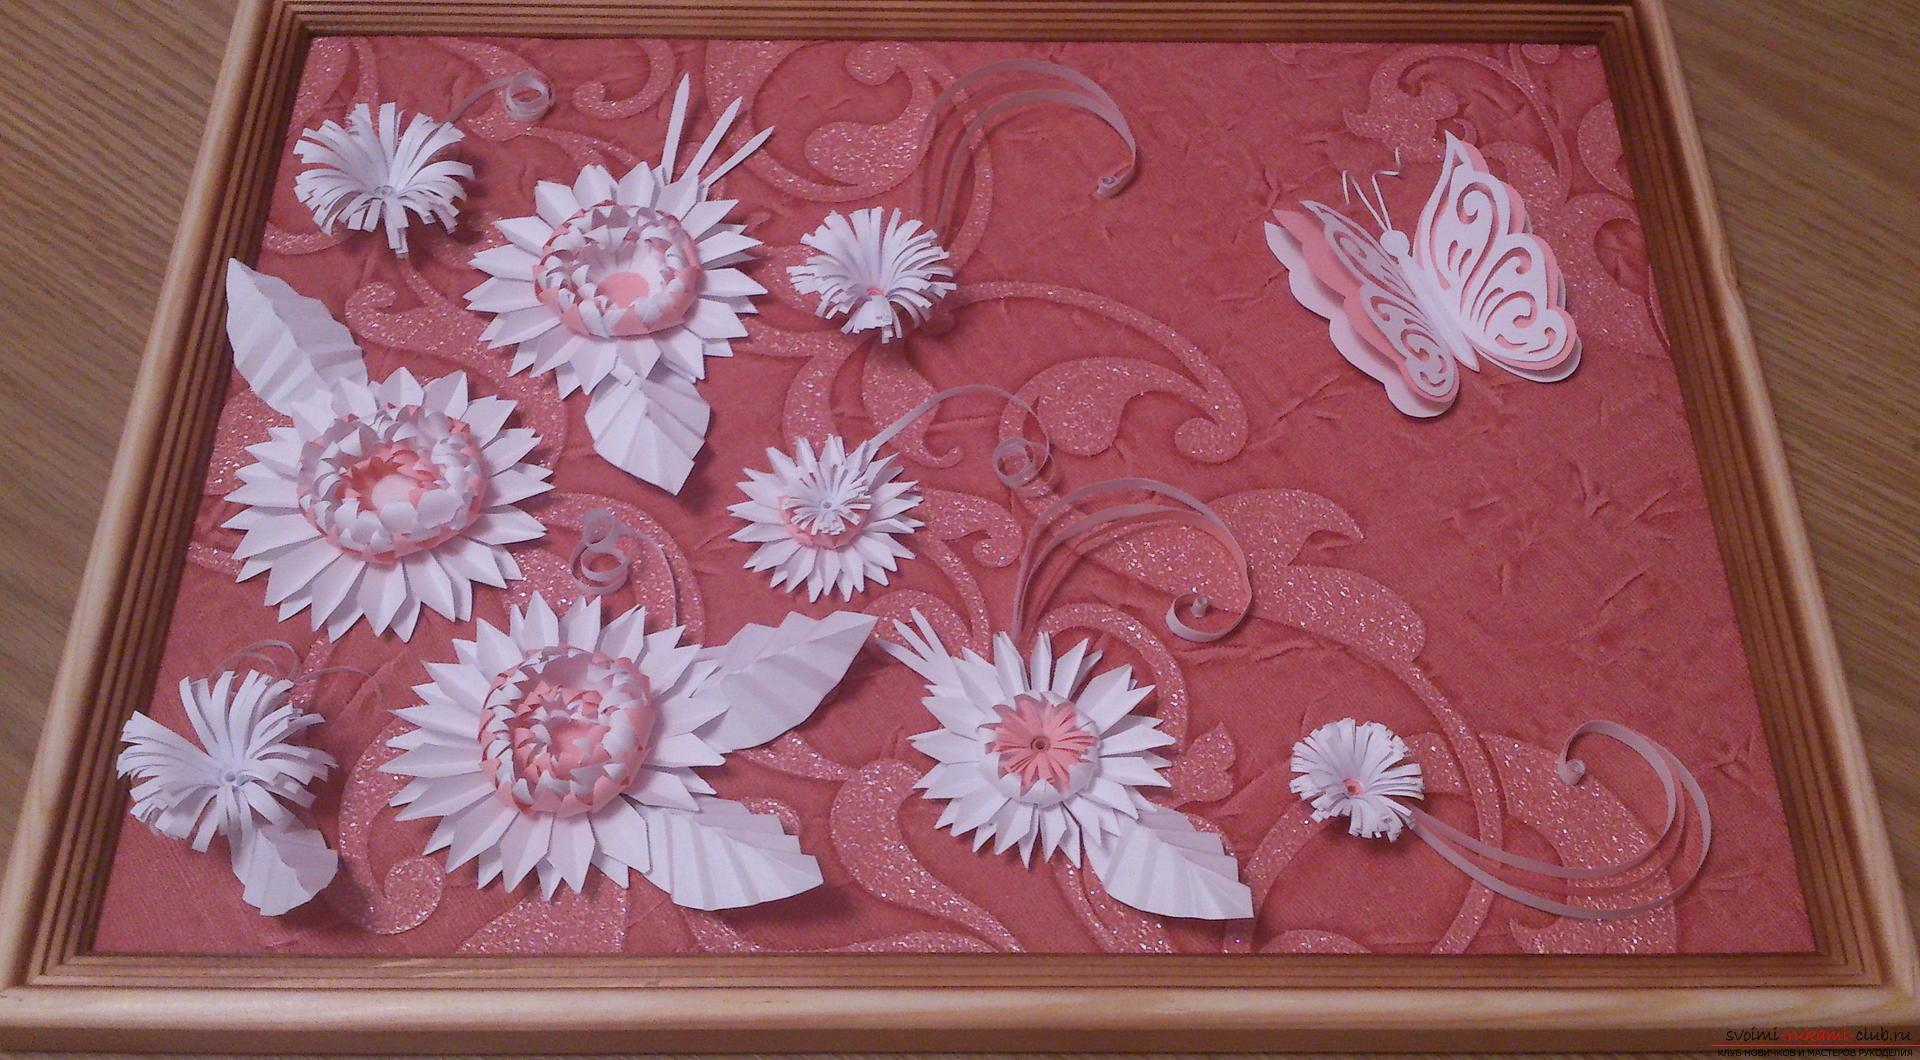 Поделки в технике бумагопластики очень разнообразны, предлагаем сделать картину из цветов, а цветы из бумаги изготовим своими руками.. Фото №29